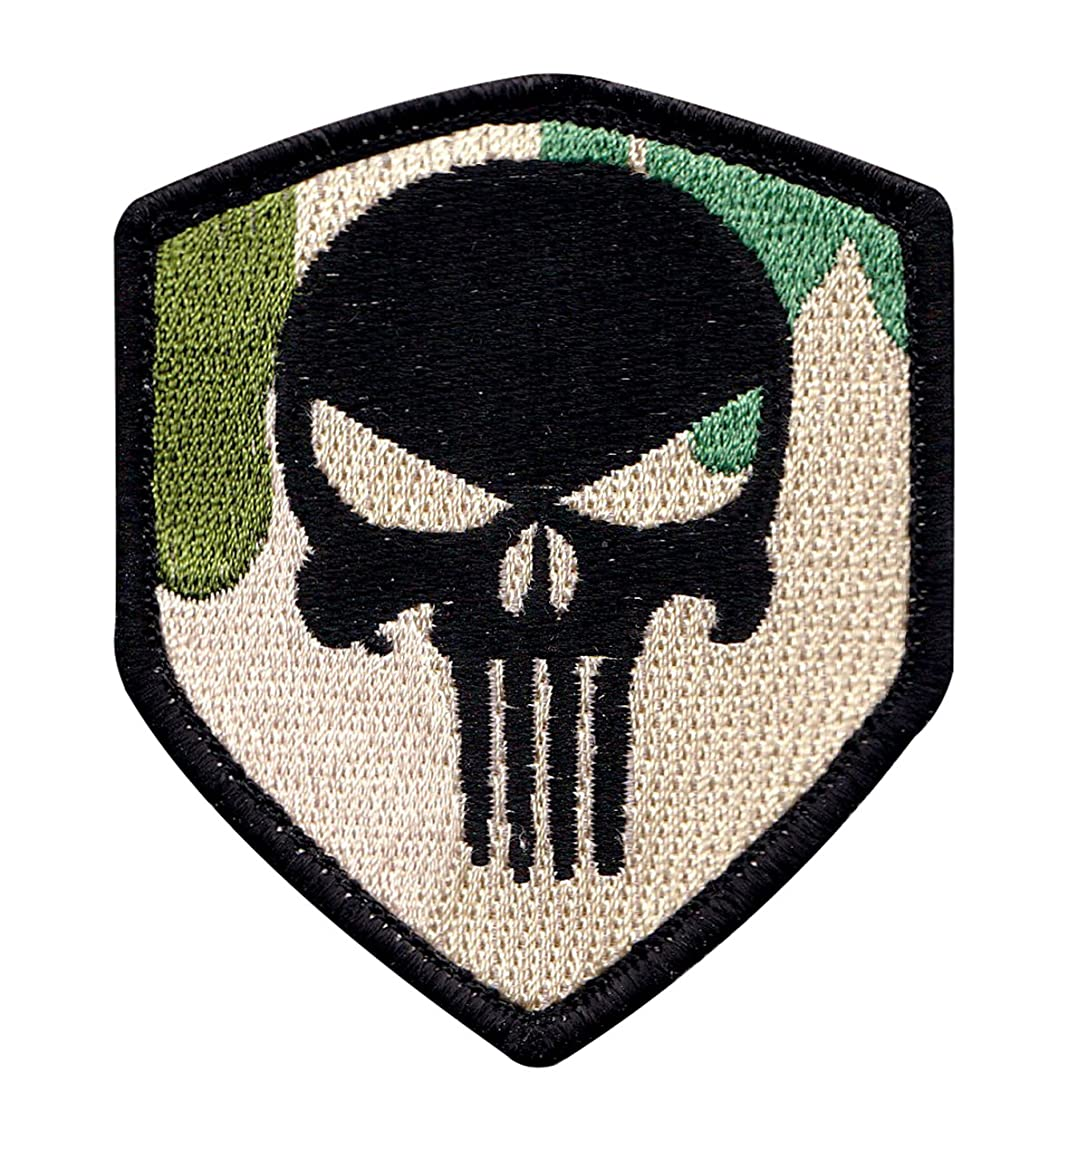 Multicam Punisher Skull Badge Tactical Morale Hook+Loop Patch